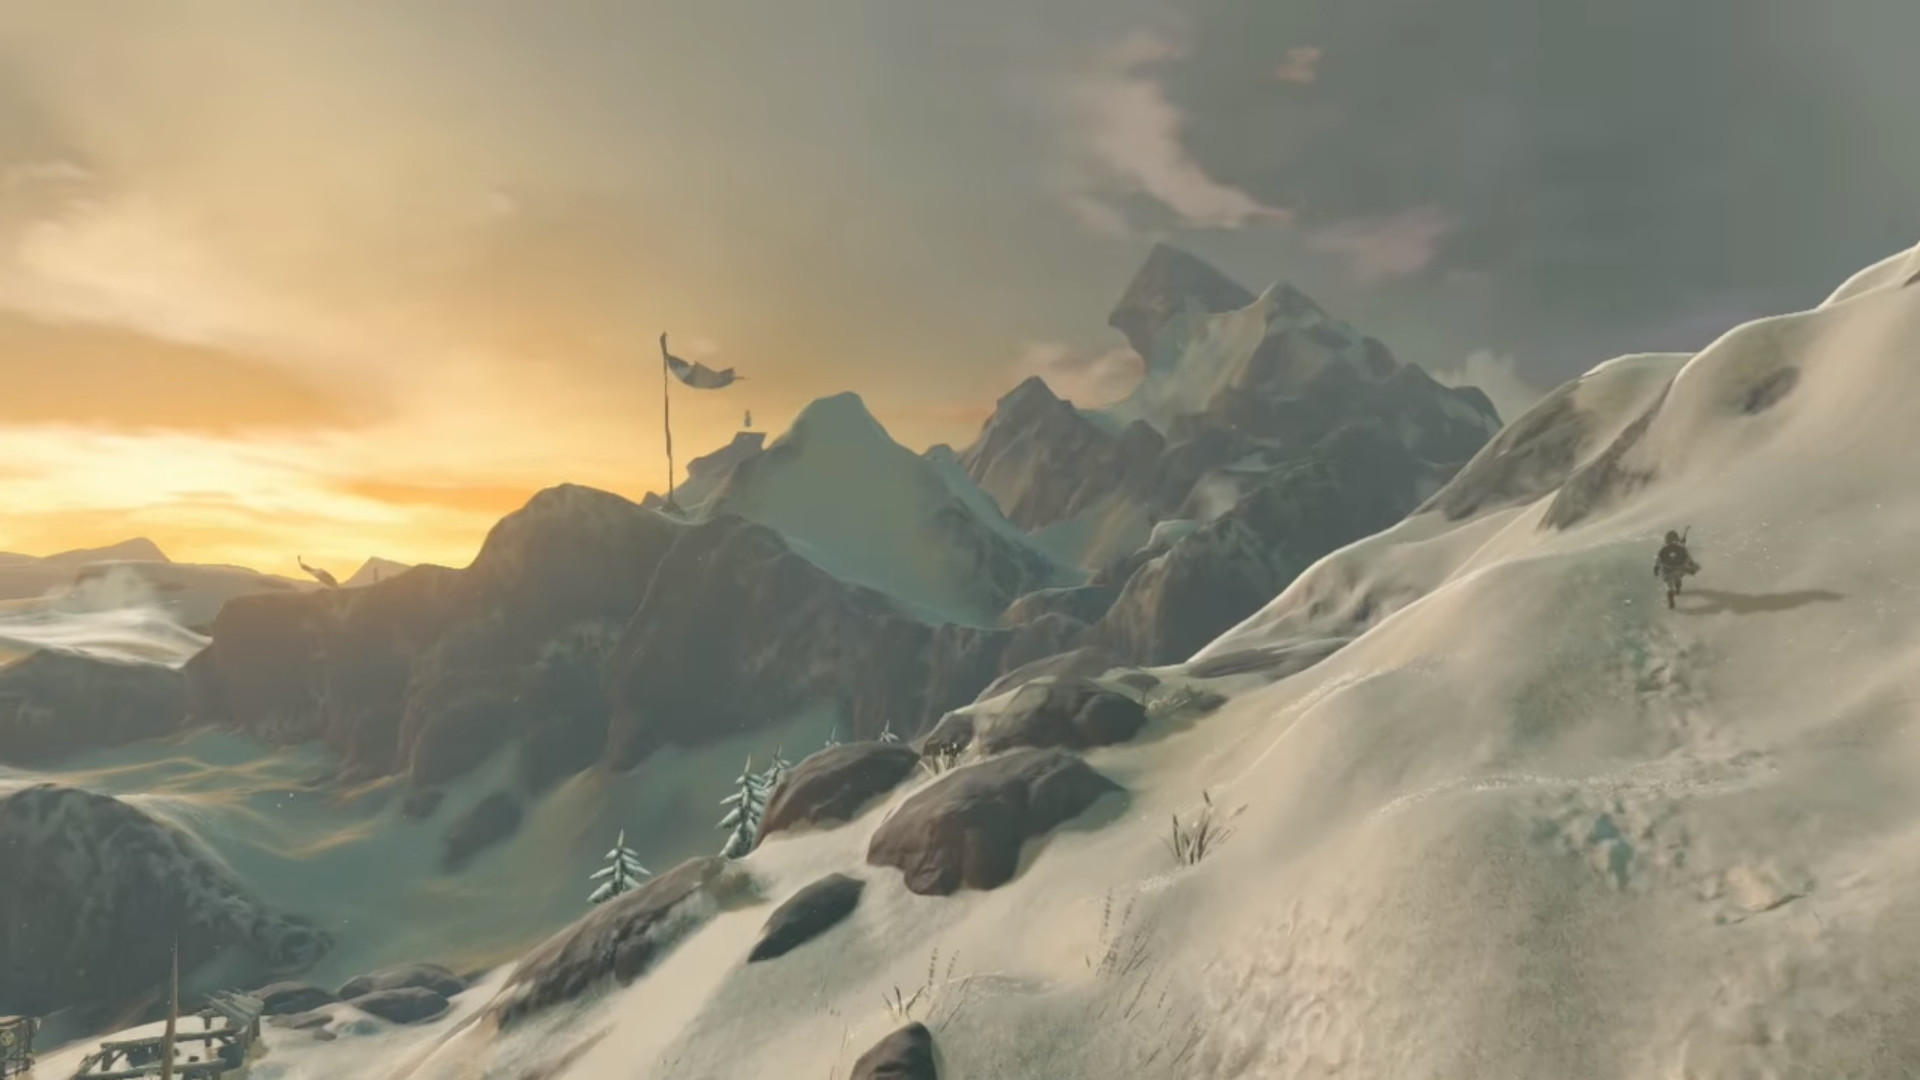 The Legend Of Zelda Breath Of The Wild Wallpapers ·①